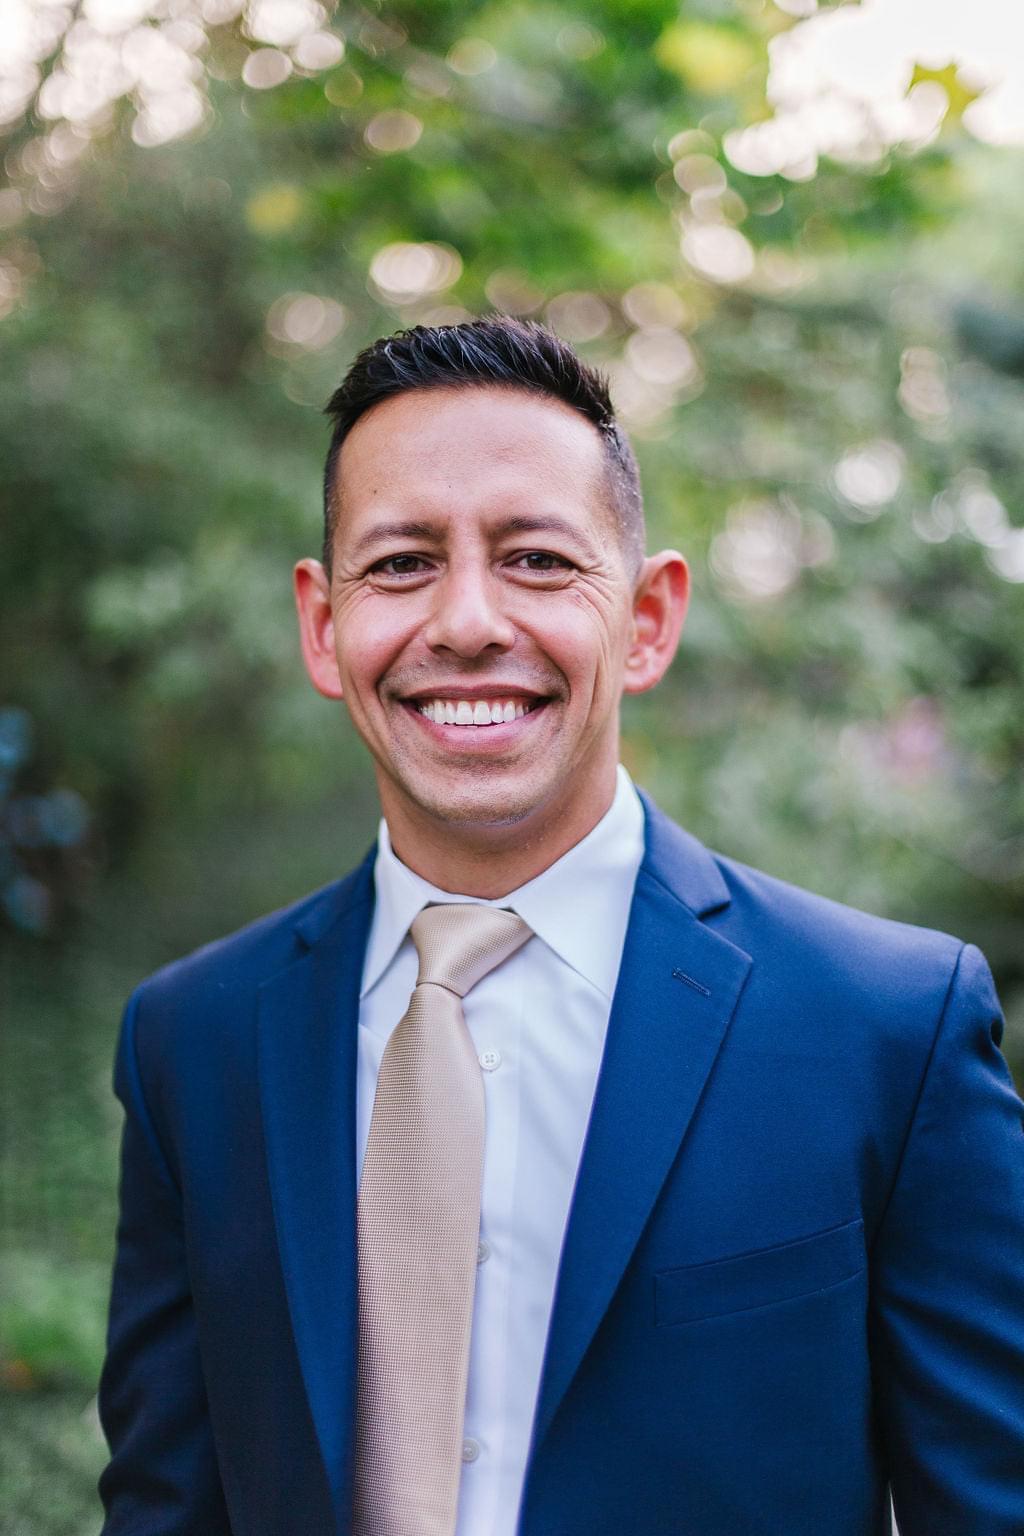 Ryan Alvarez